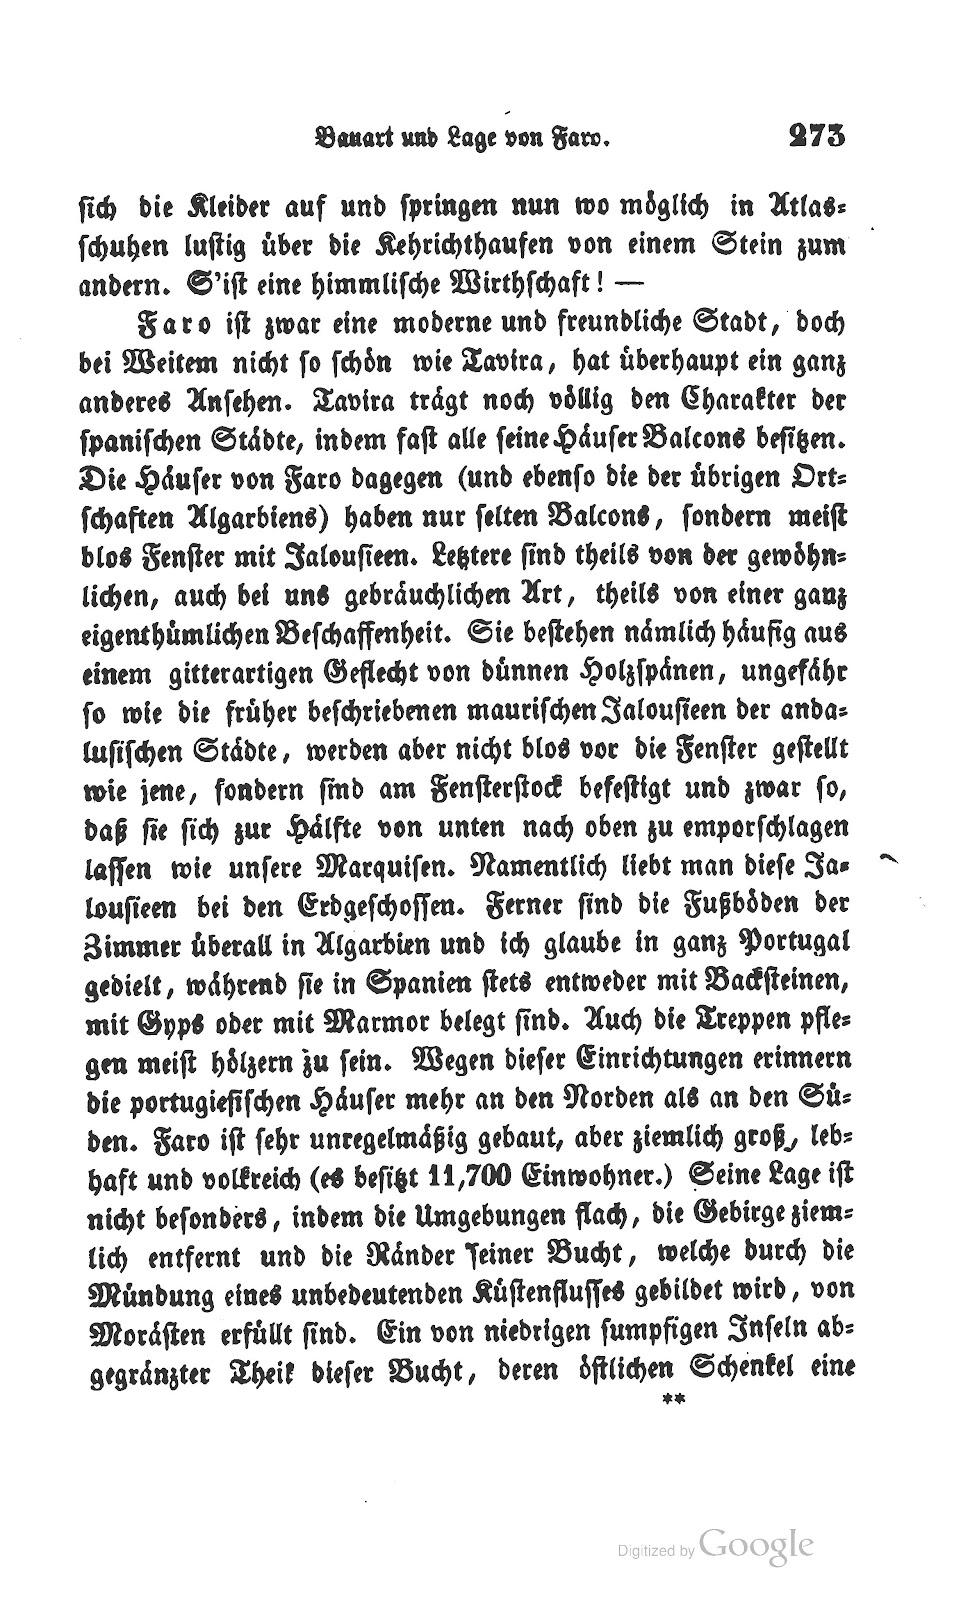 WIllkomm - 10. Kapitel Pages from Zwei_Jahre_in_Spanien_und_Portugal(3)_Page_15.jpg